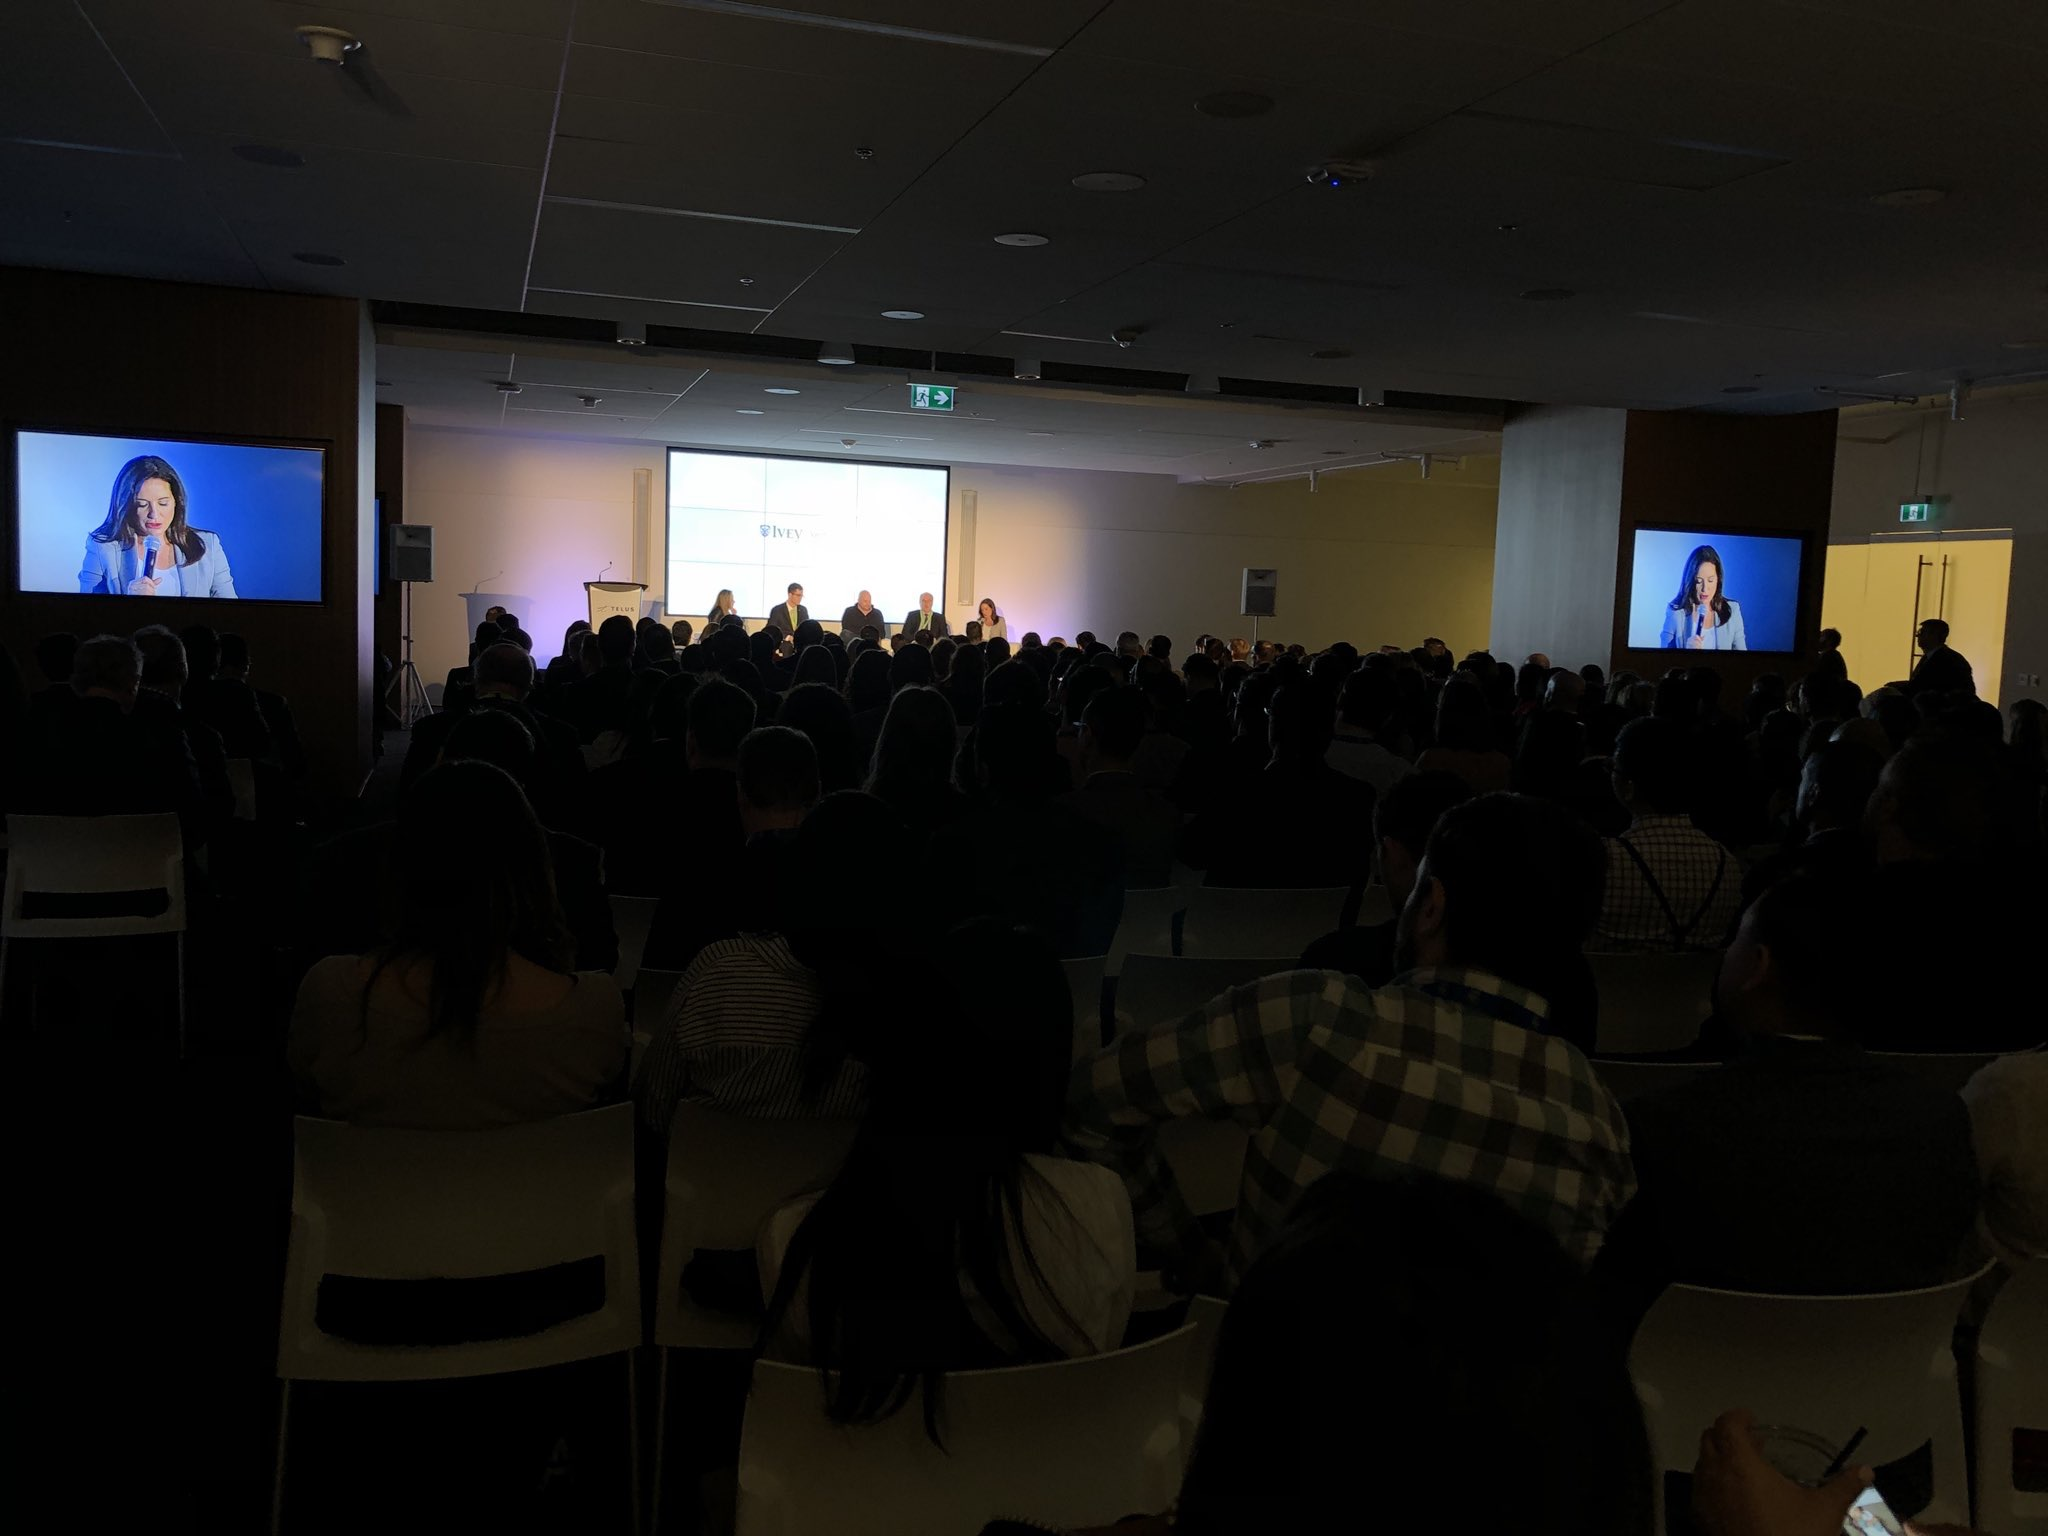 Ivey Venture Forum 2018 - Audience.JPG